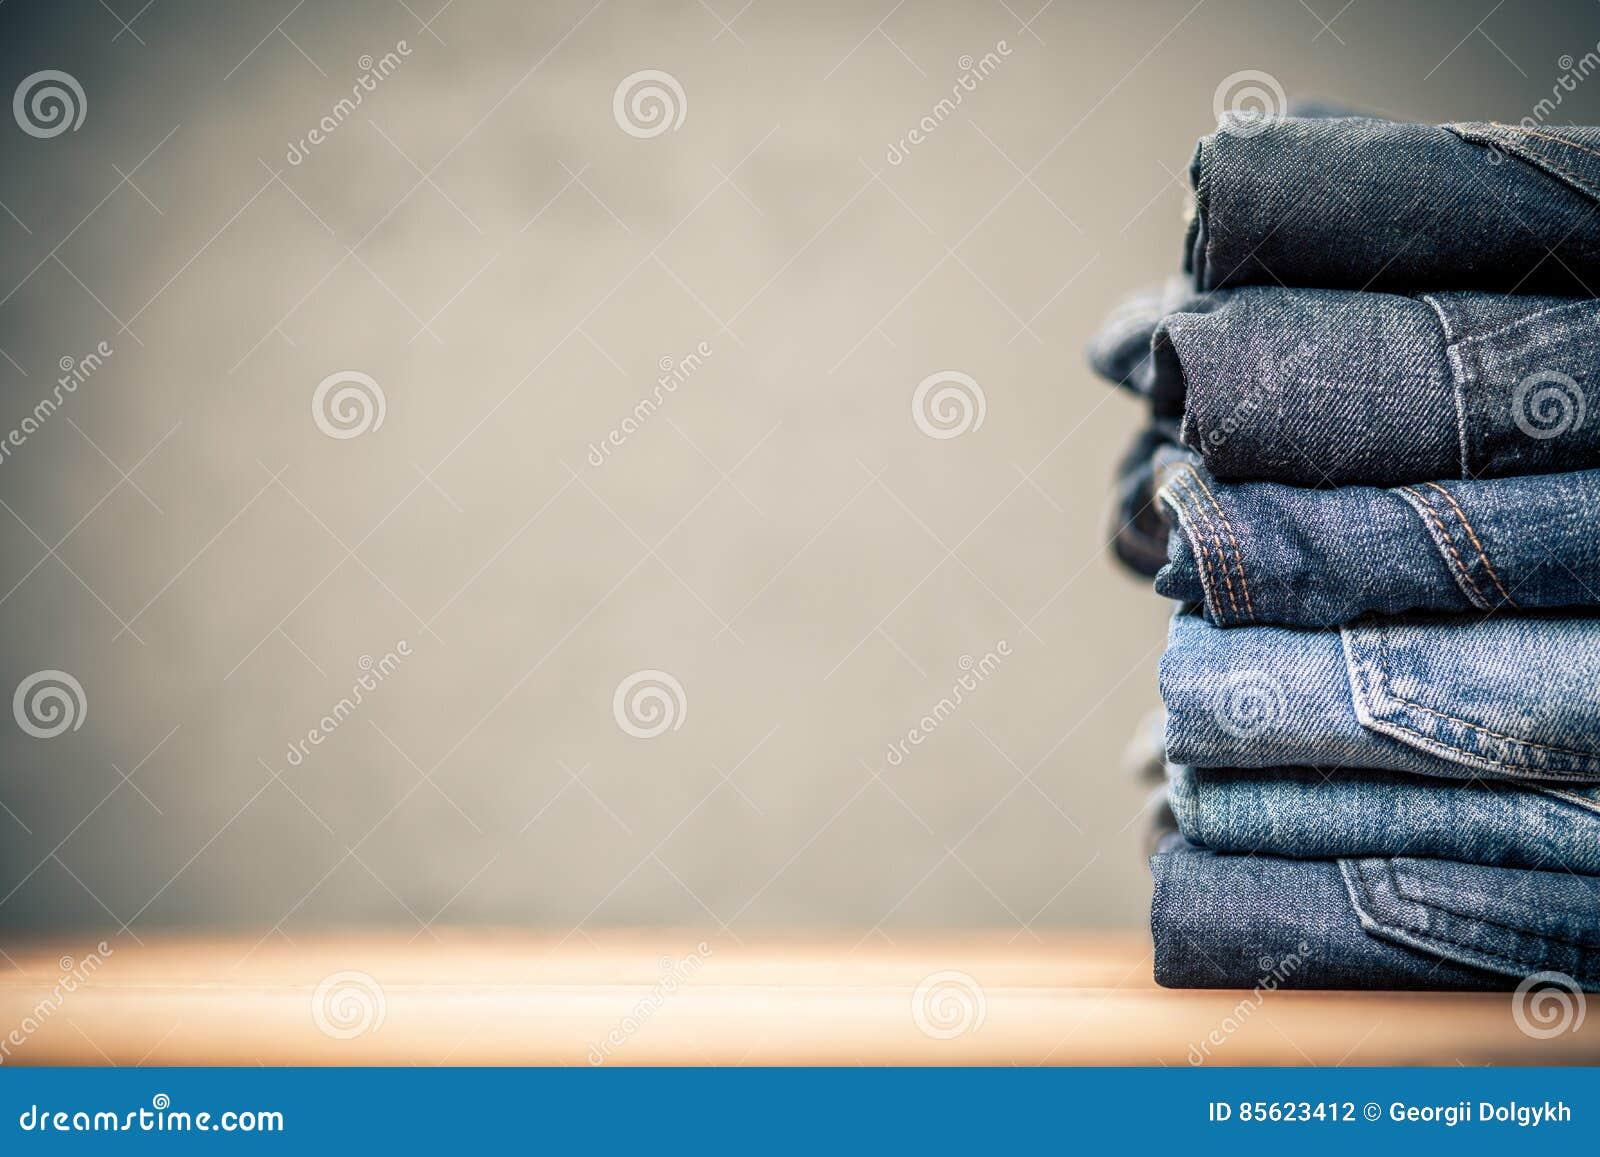 Stapel von Jeans